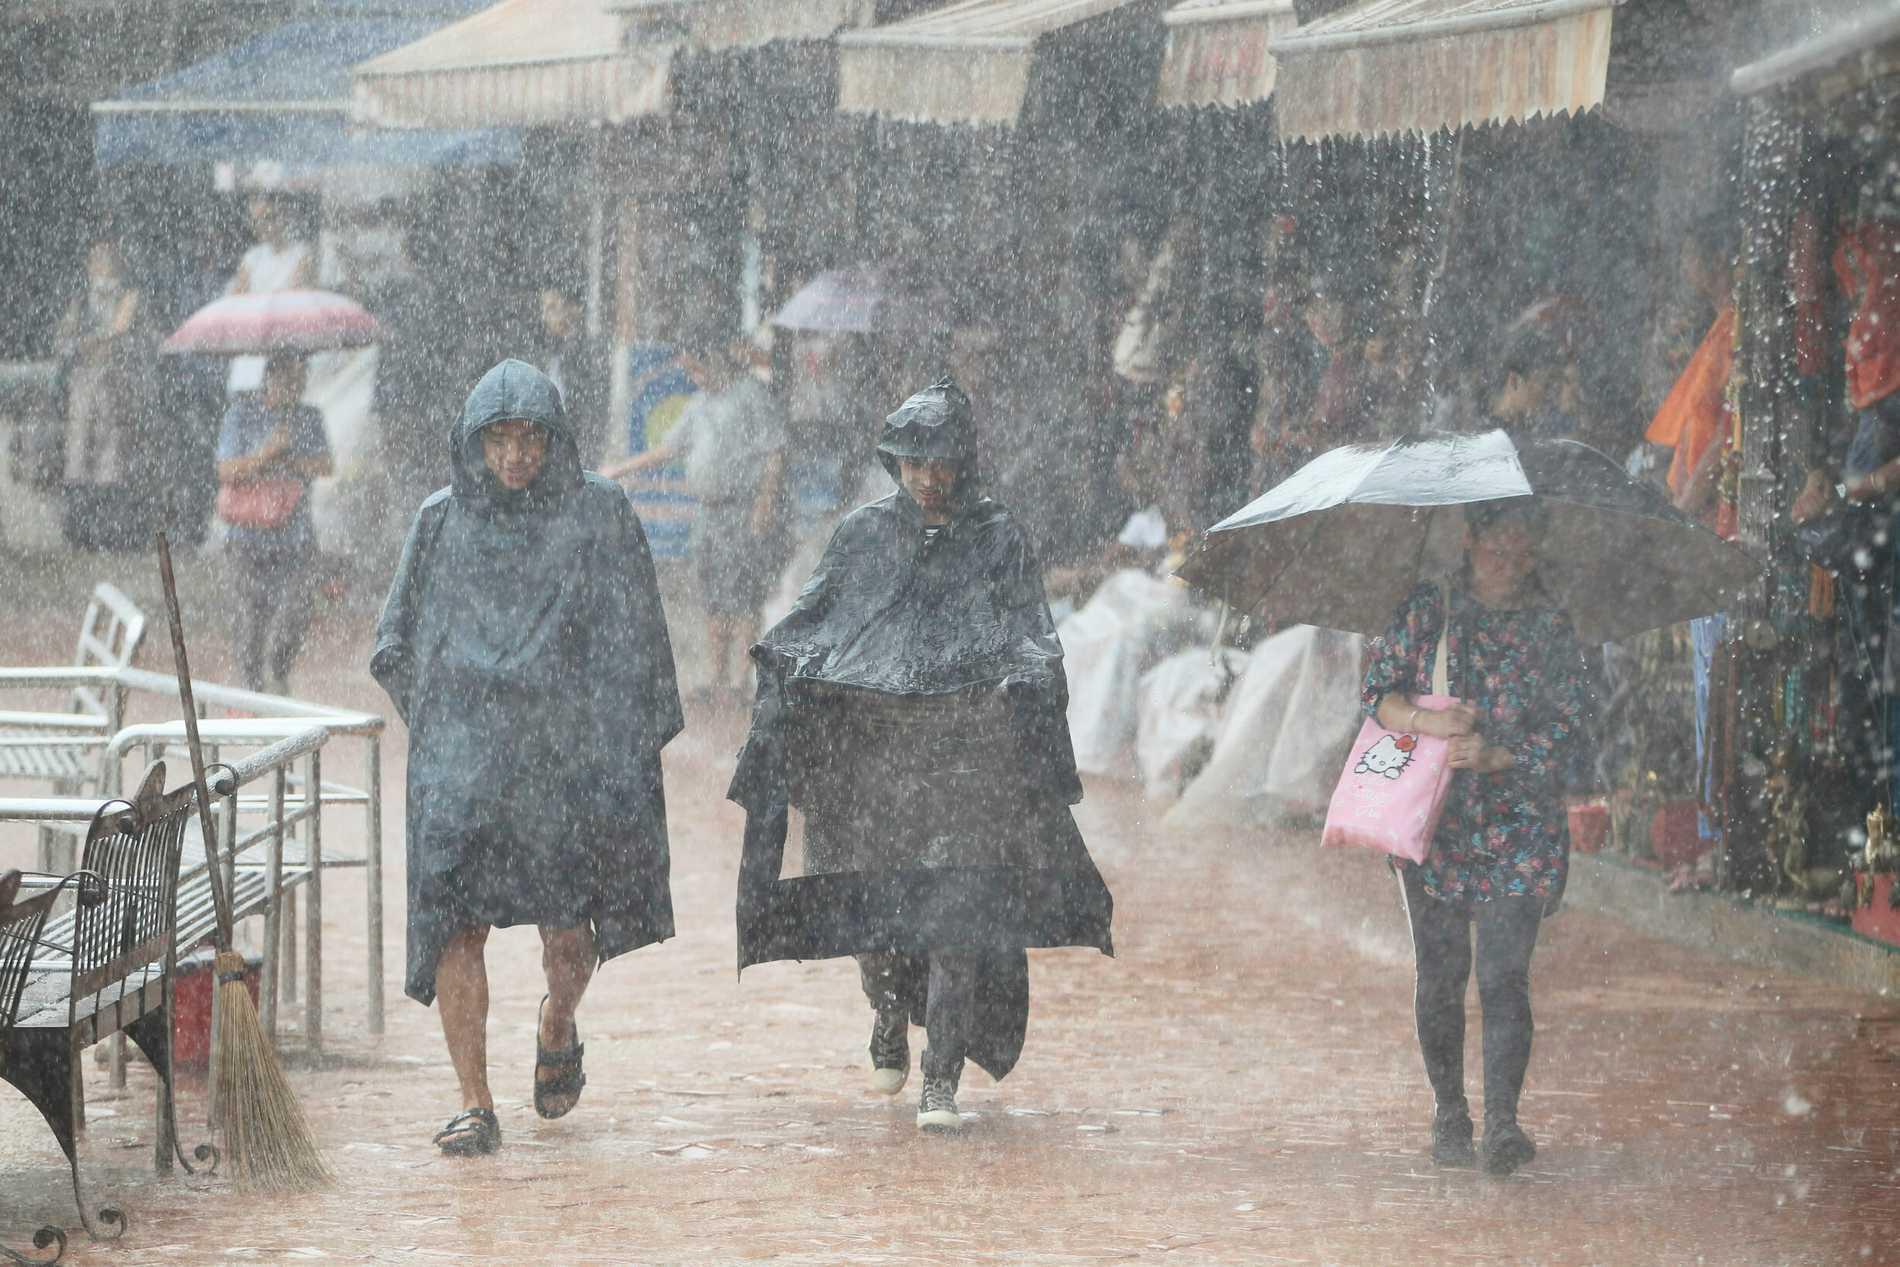 Årets kraftiga monsunregn i Nepal har krävt över 100 liv. Bilden är tagen i huvudstaden Katmandu i fjol.